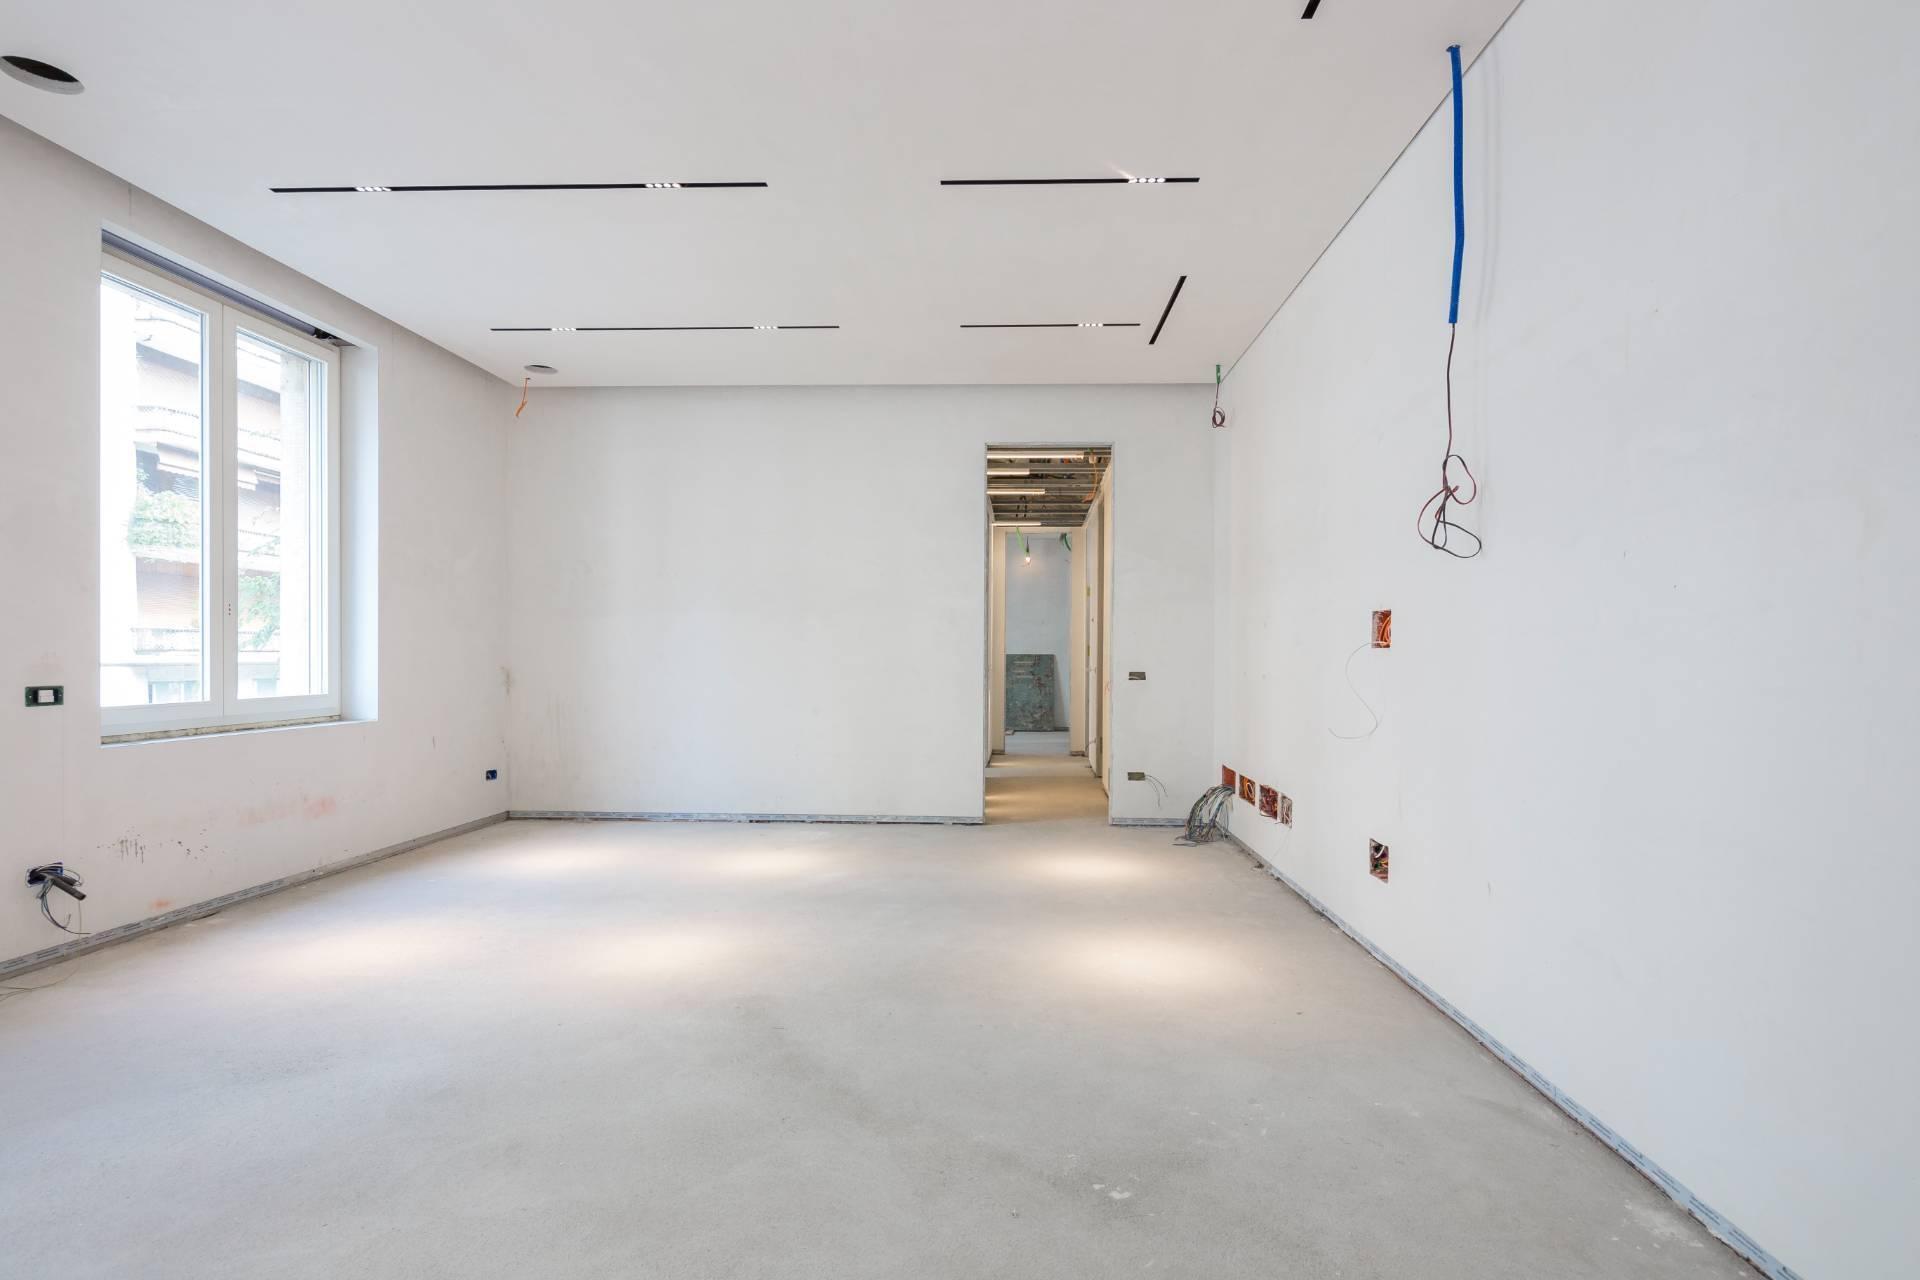 Appartamento signorile in Via Mascagni - 4